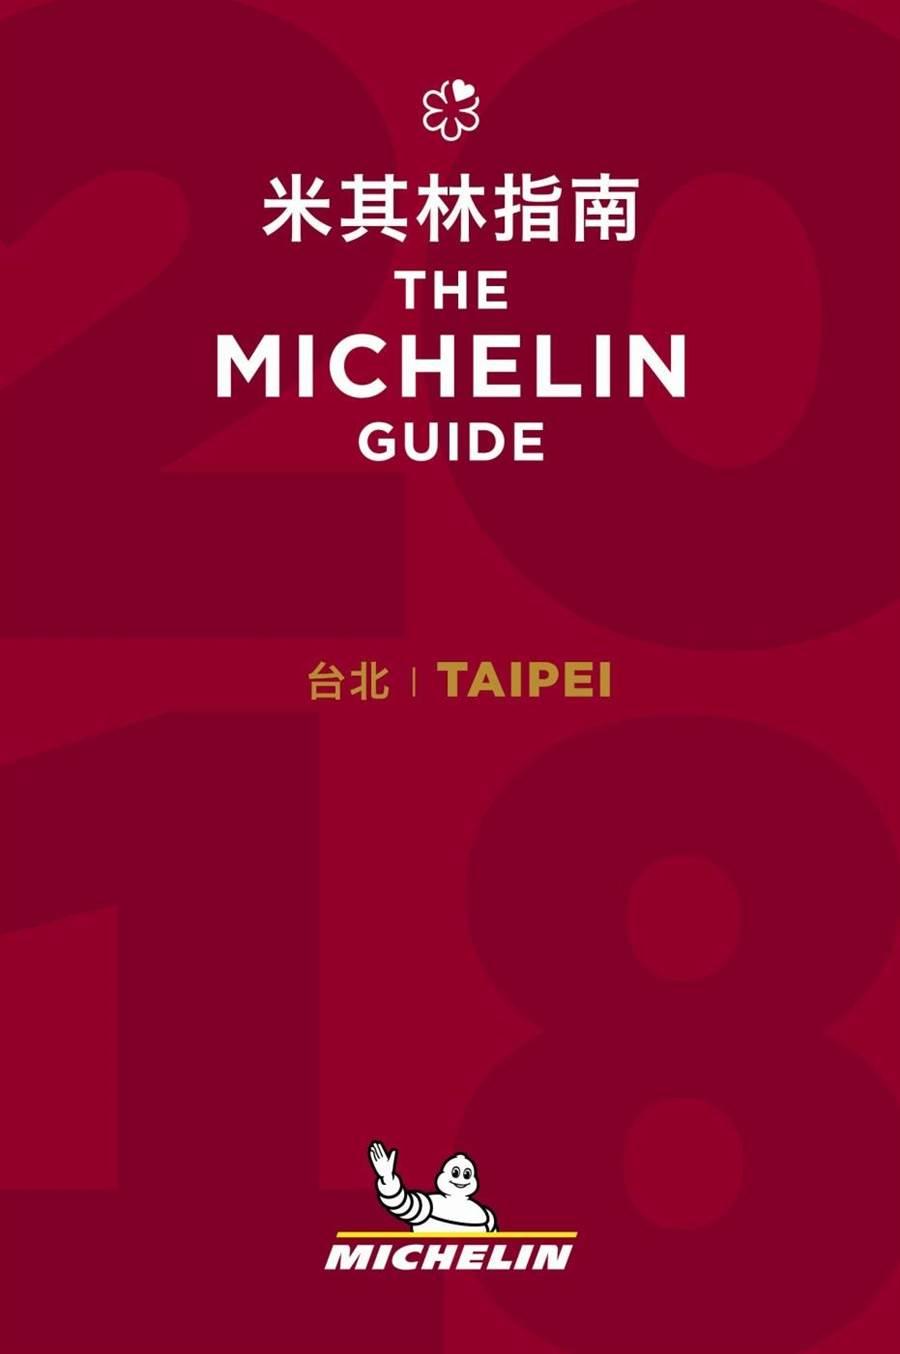 《米其林指南》首度登台,是近日美食饕客關注重點。(圖/博客來)